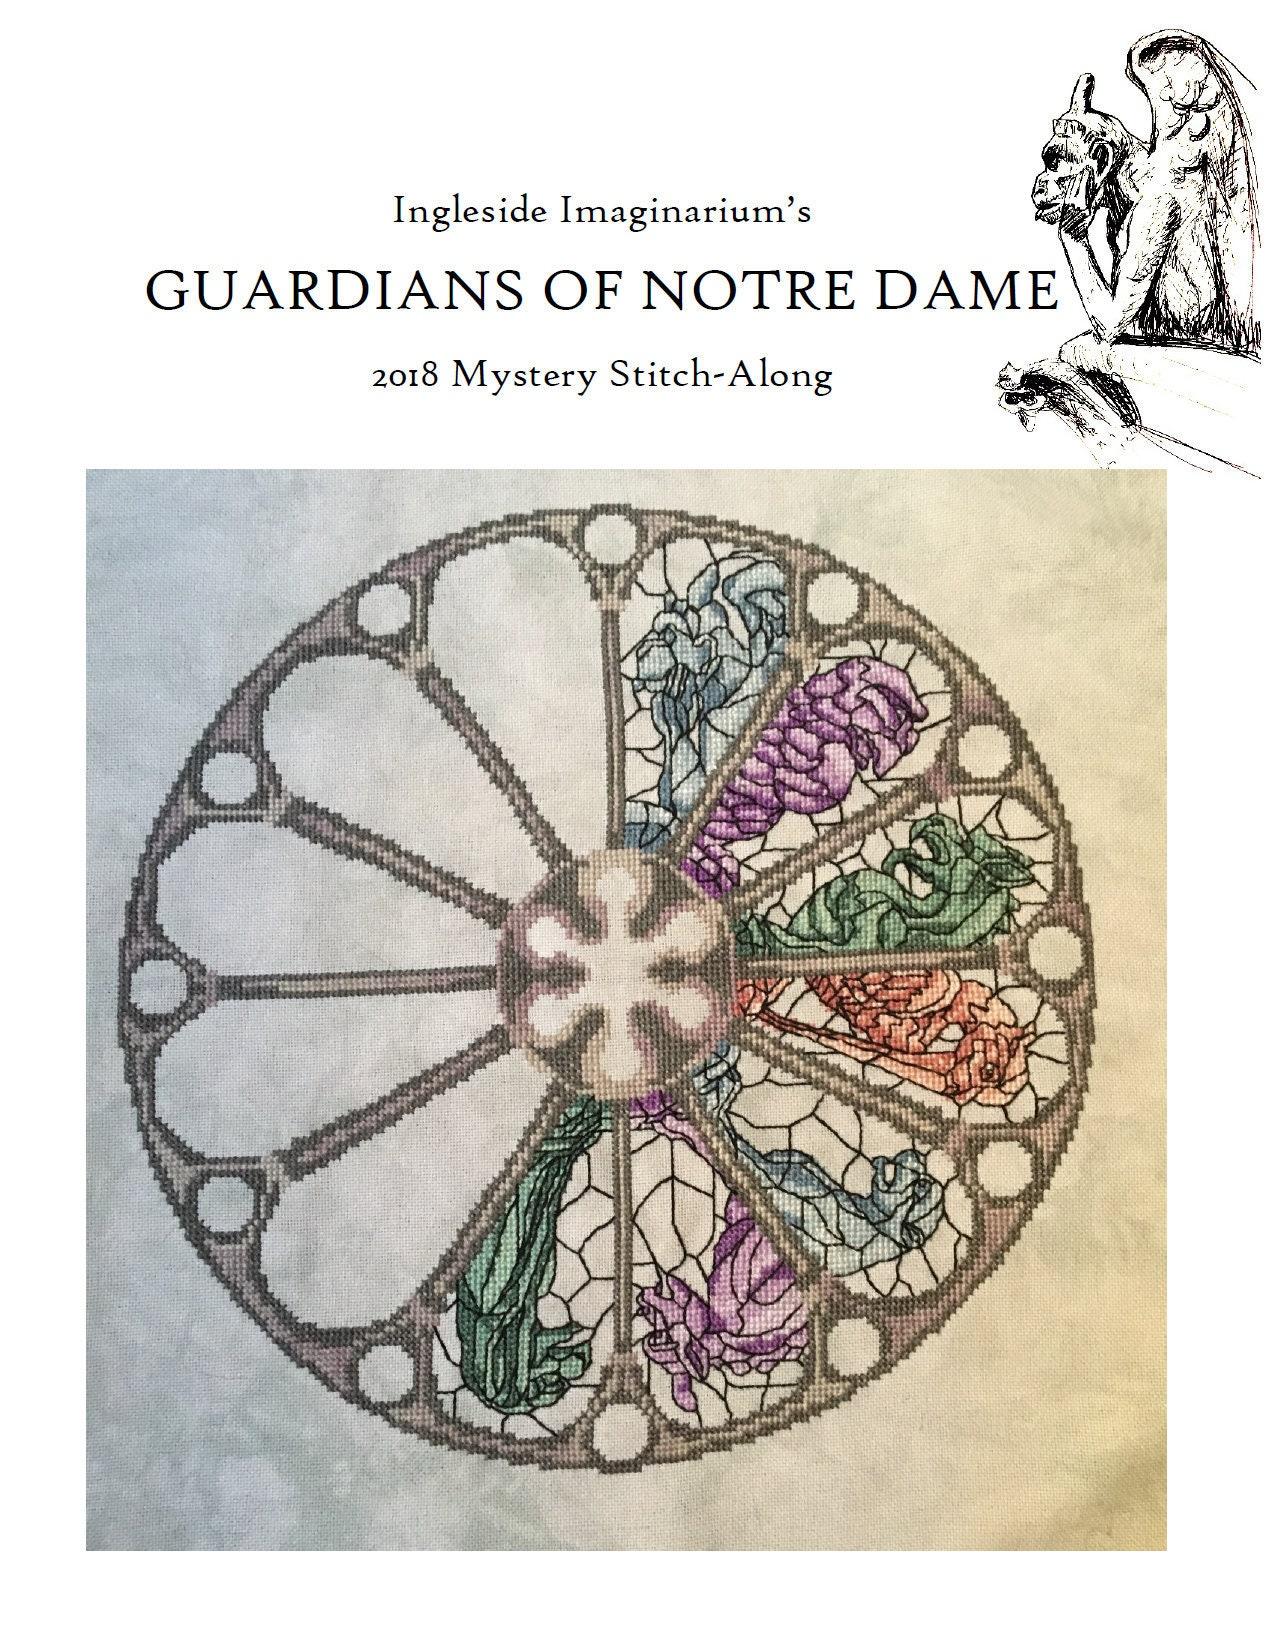 Guardians of Notre Dame Mystery Stitch-Along Cross Stitch